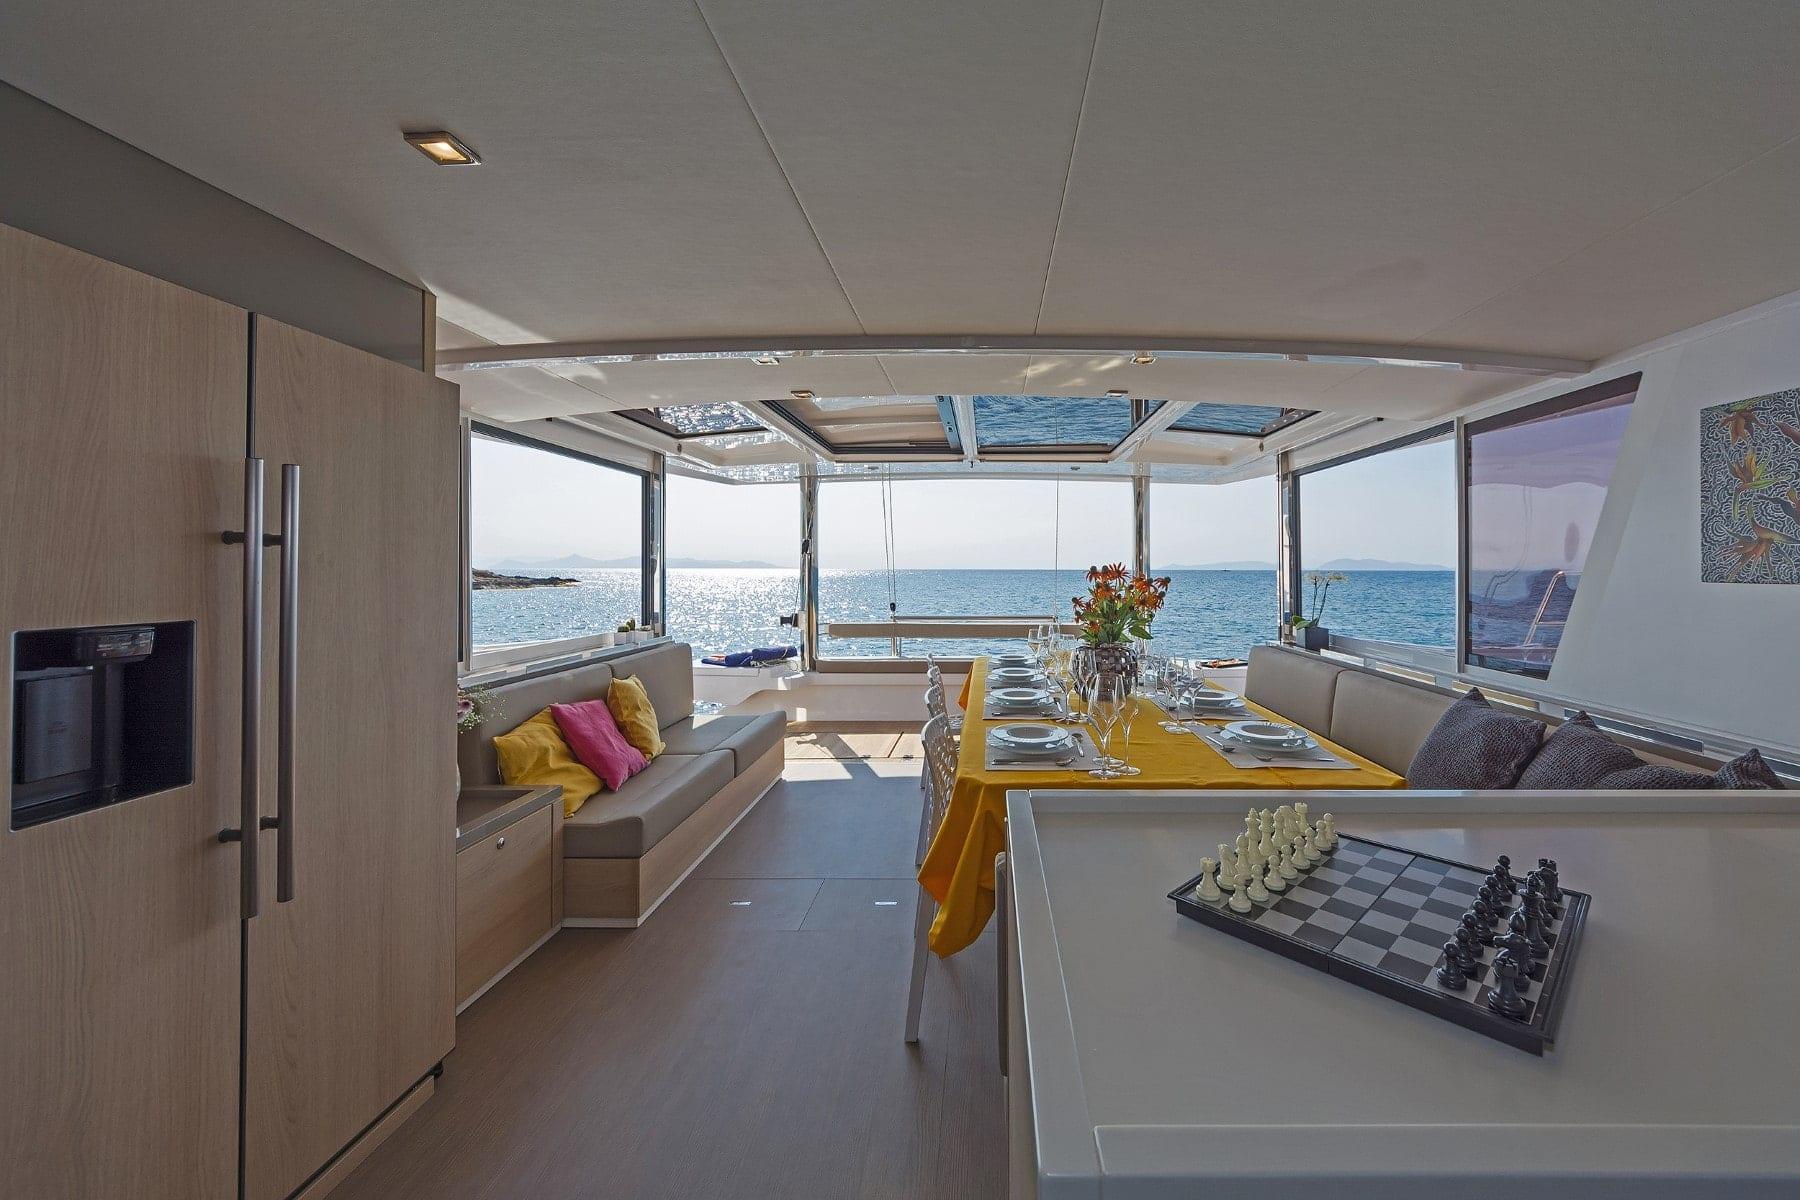 babalu catamaran interior (1) - Valef Yachts Chartering